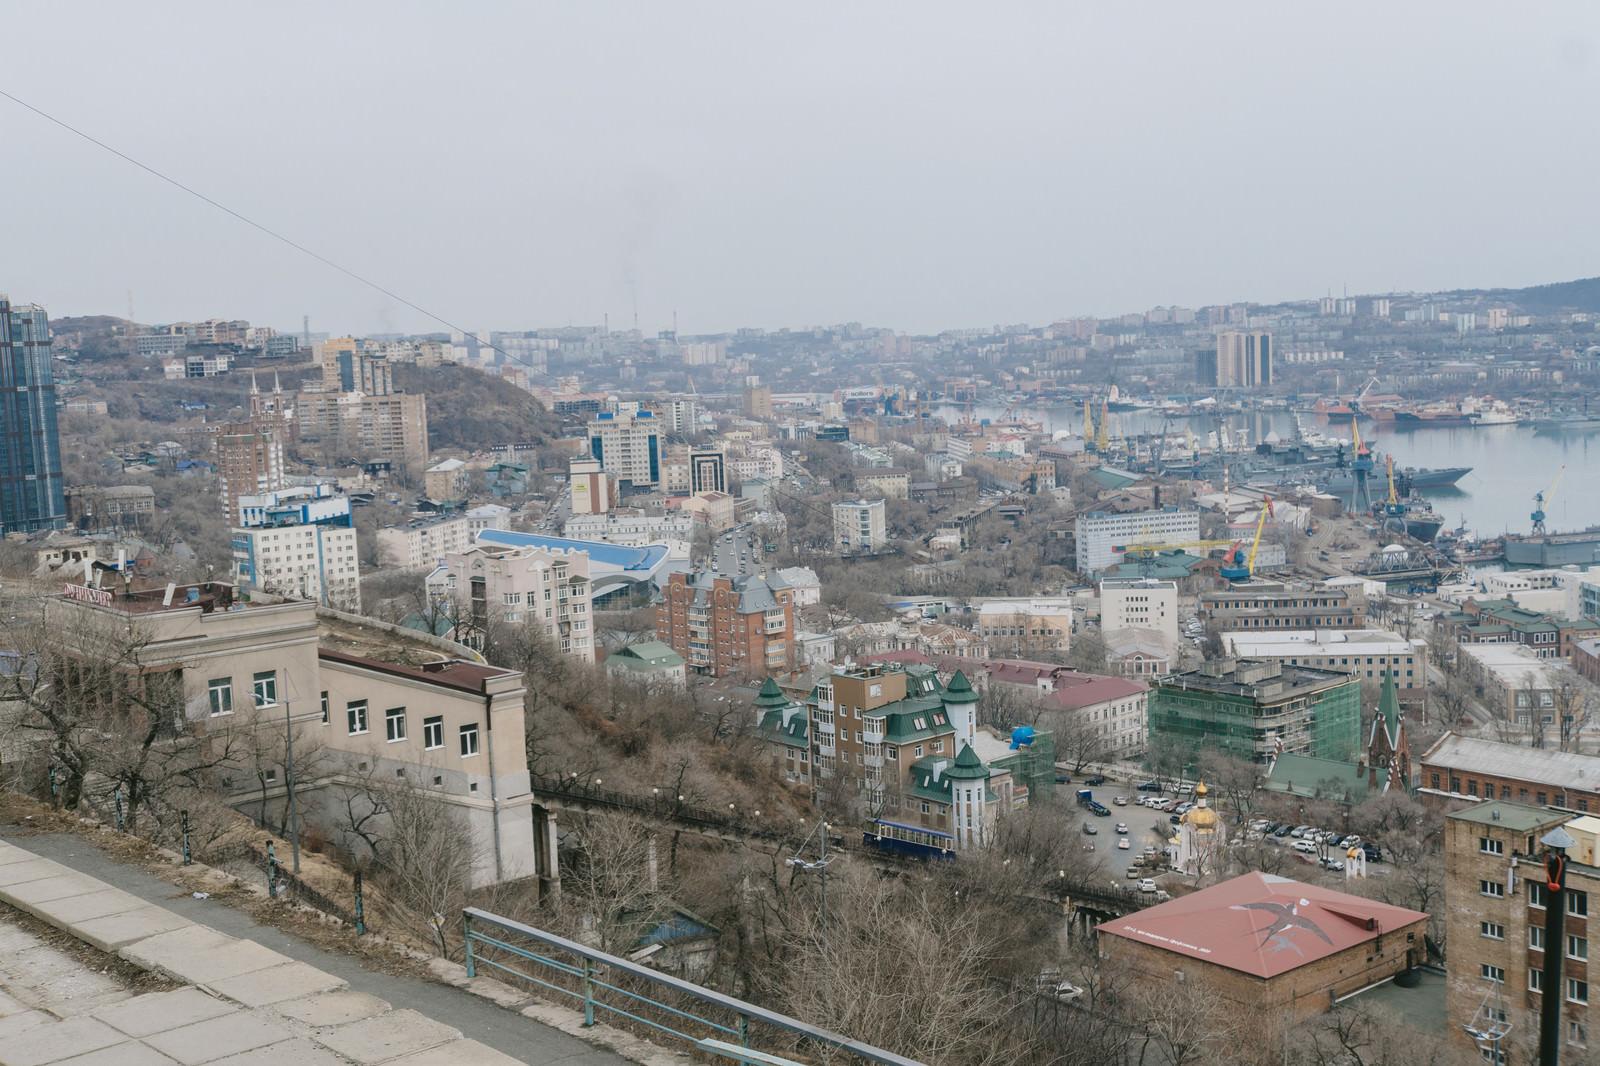 「ウラジオストック(ロシア)の街並み」の写真